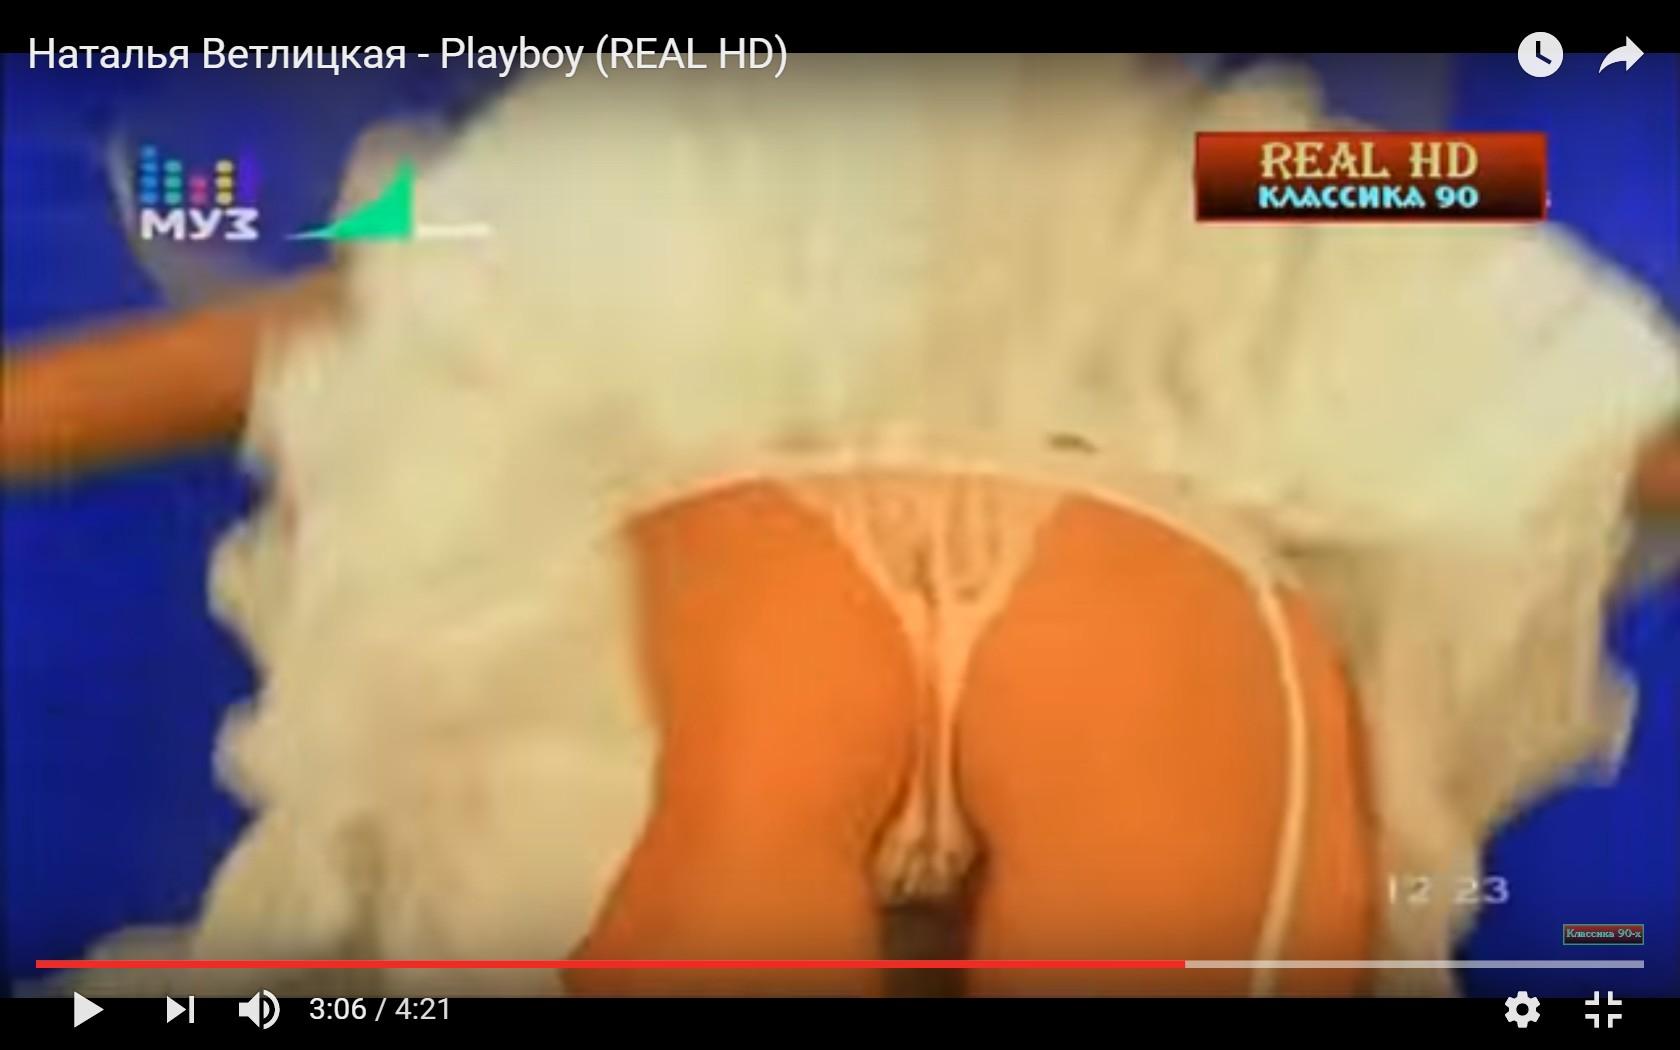 Клип порно плейбой ветлицкая